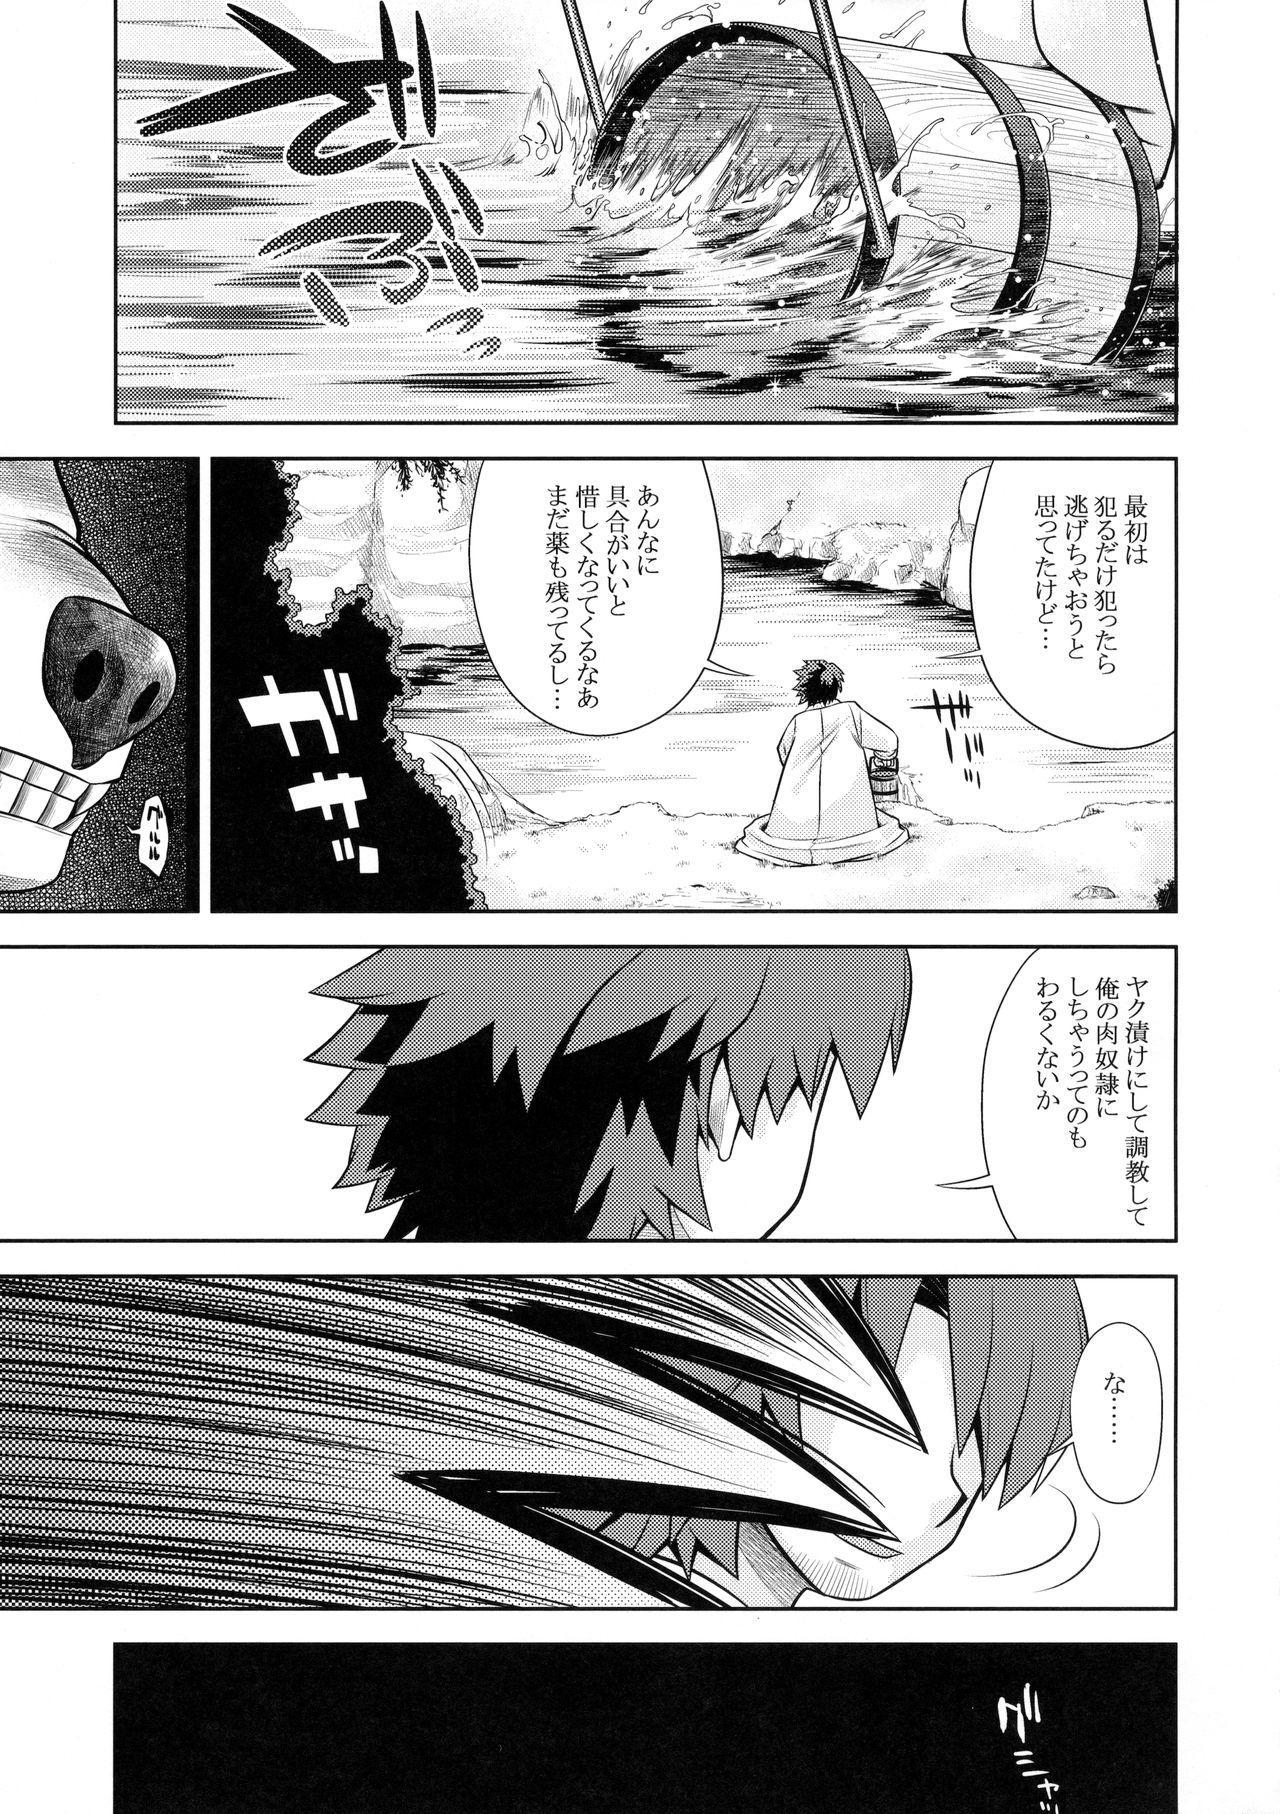 Sekaiju no Anone 26 35